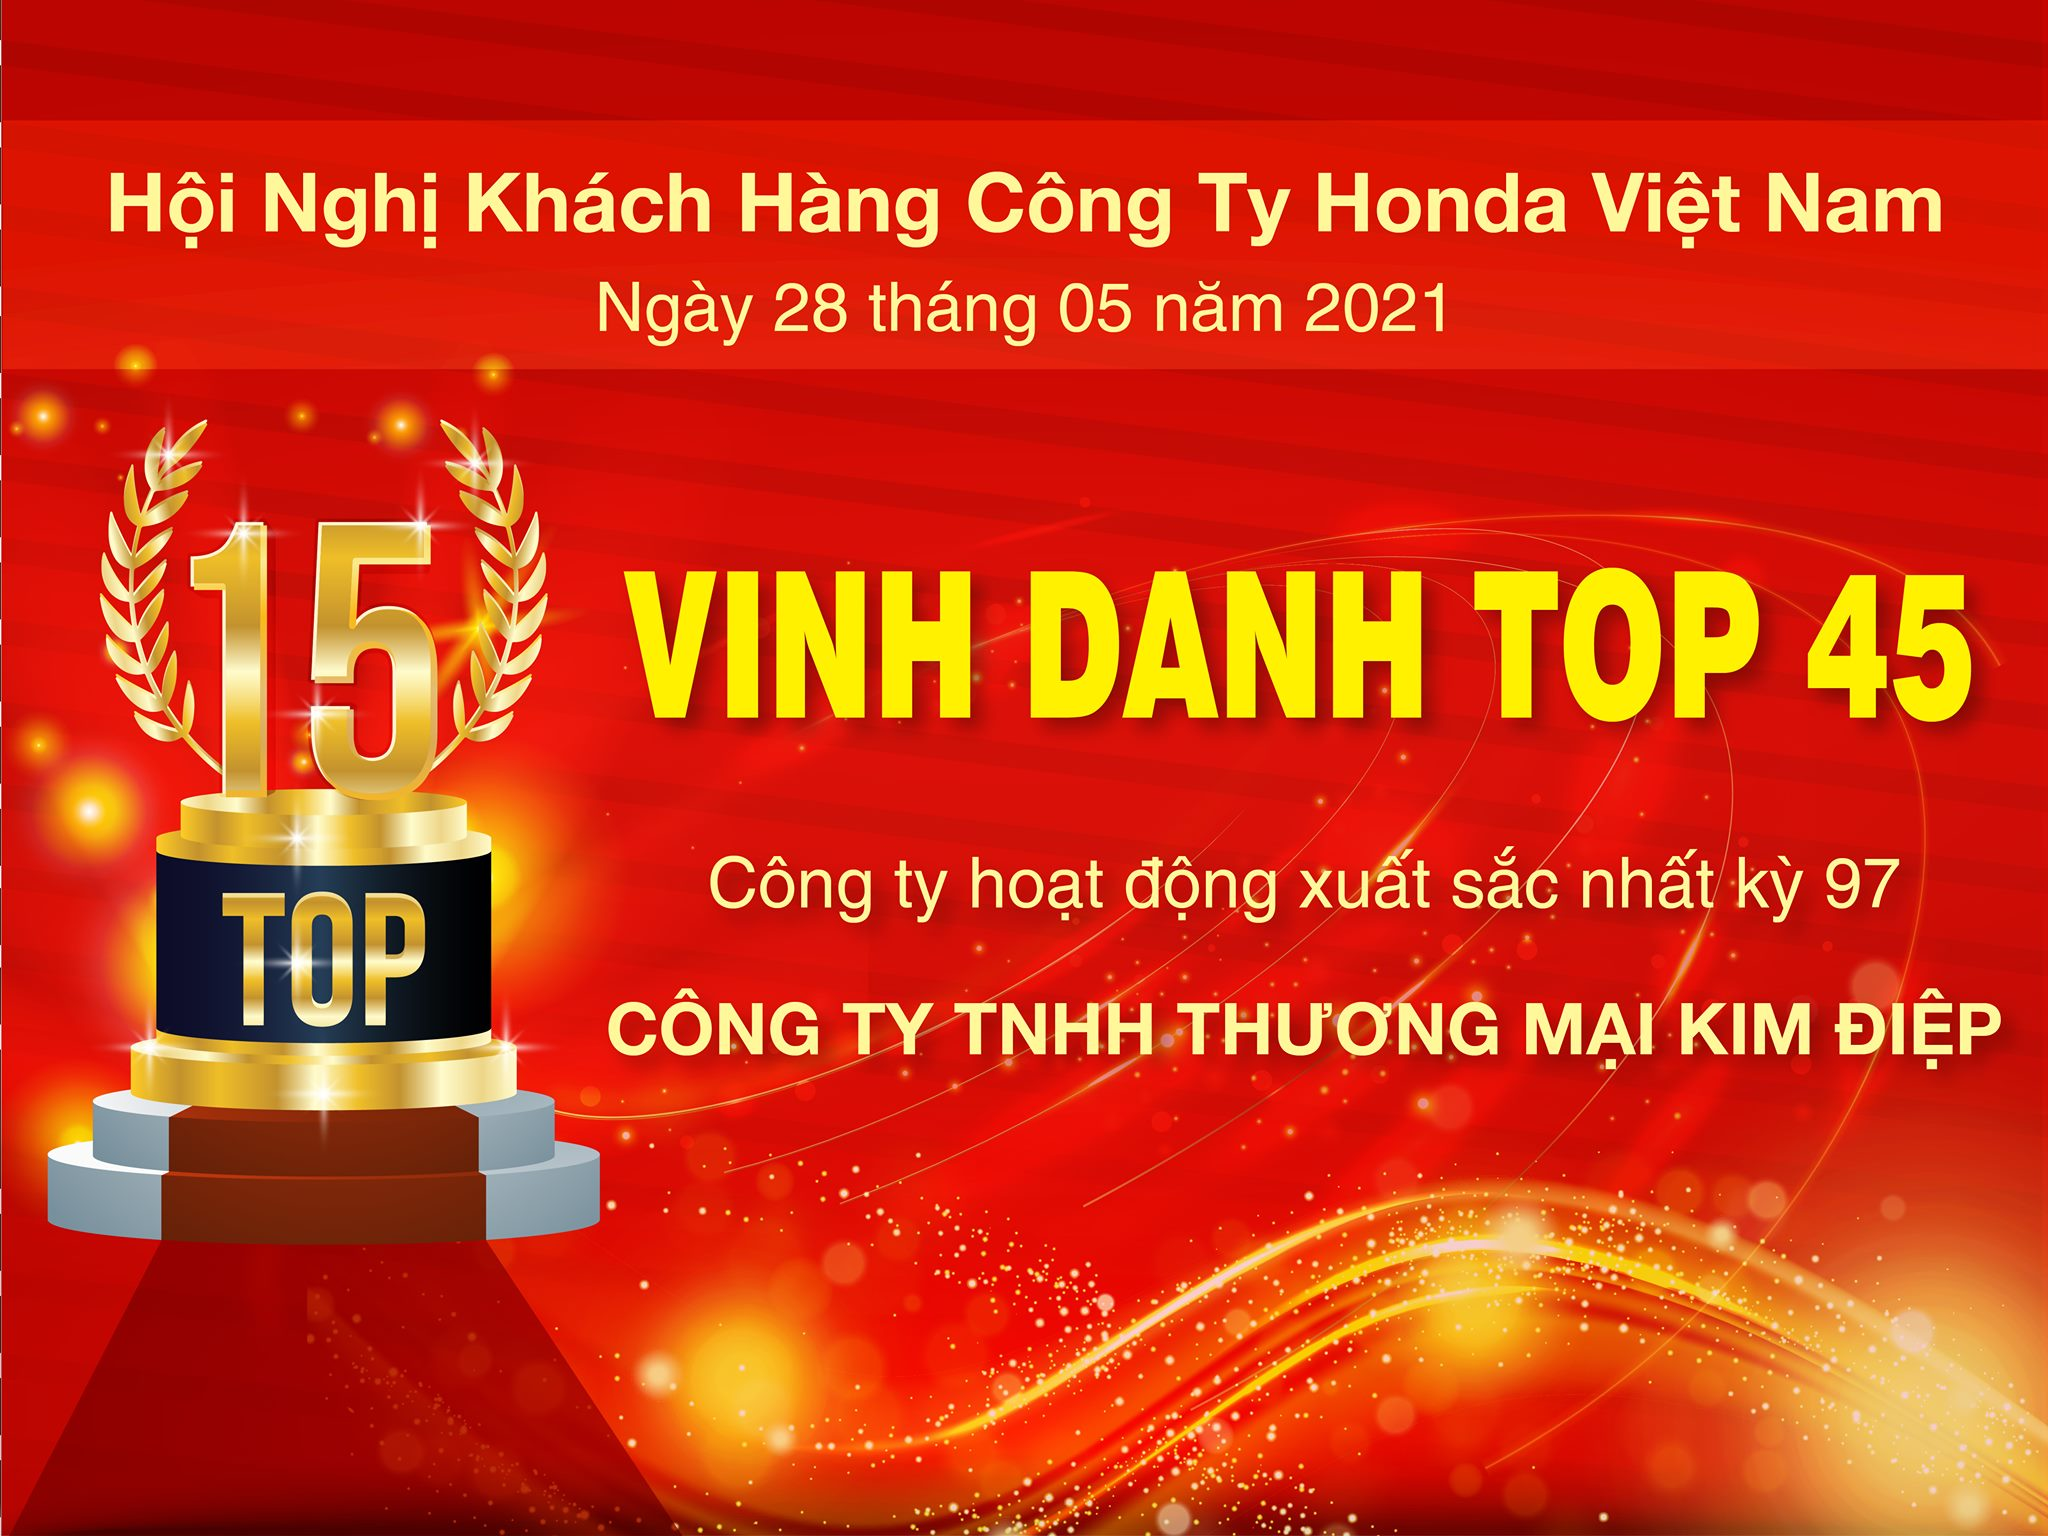 Hội nghị Khách hàng do Công ty Honda Việt Nam tổ chức kỳ 97